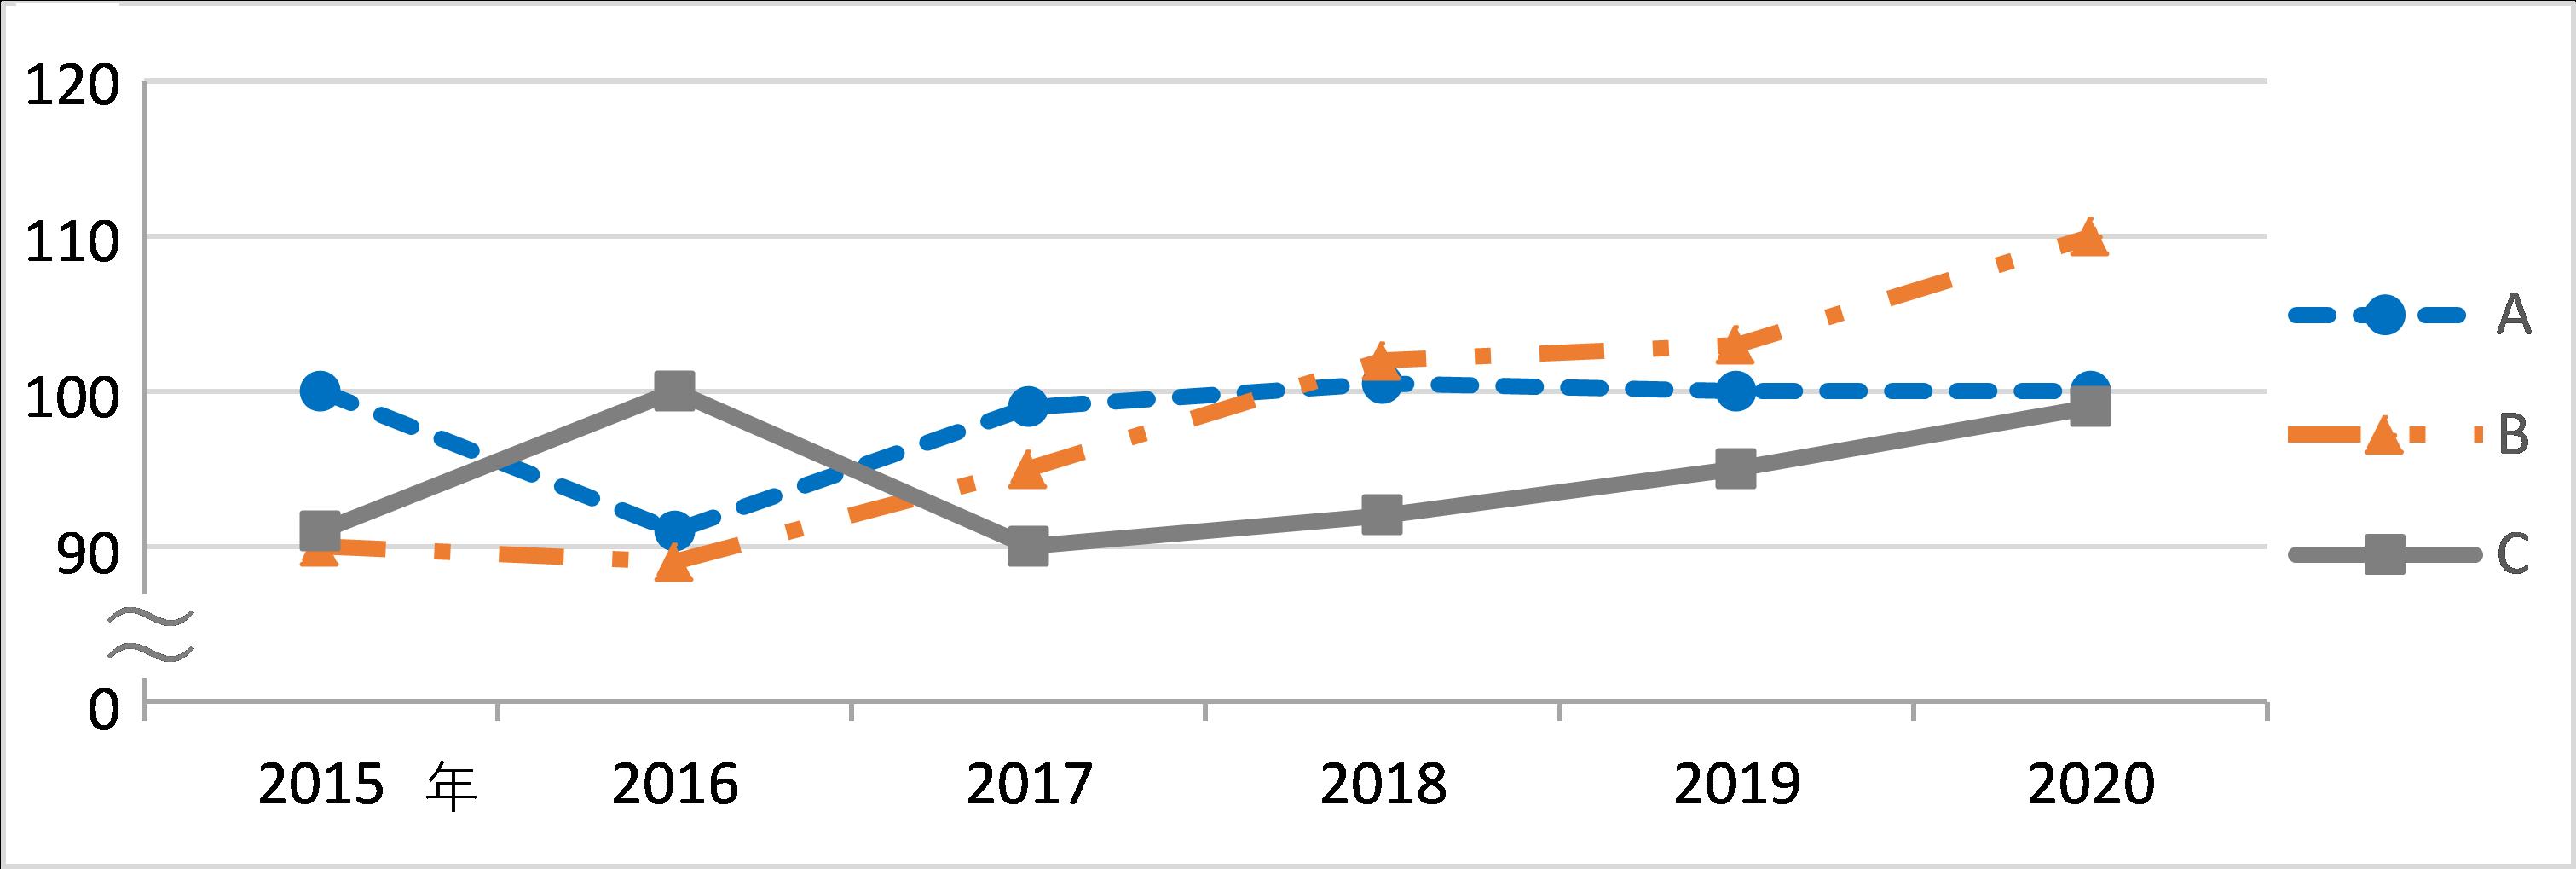 mieruka 統計グラフ、図表の作成